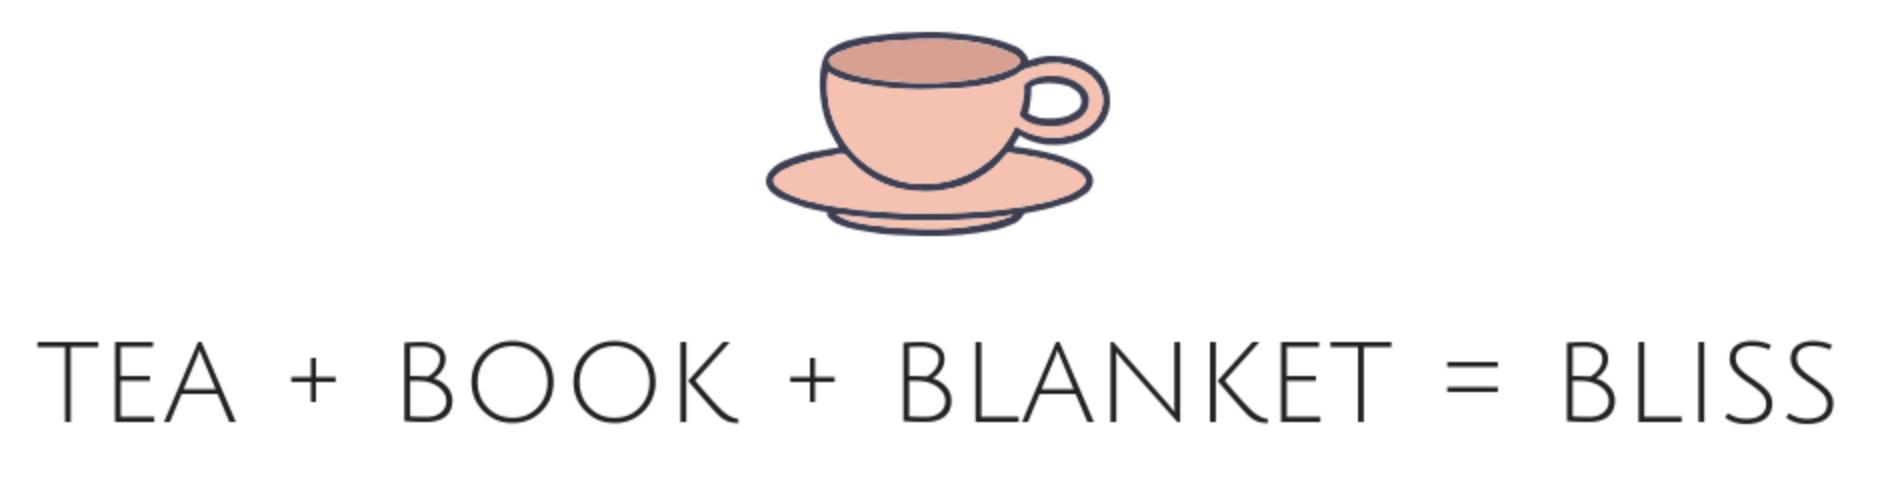 Tea Book Blanket